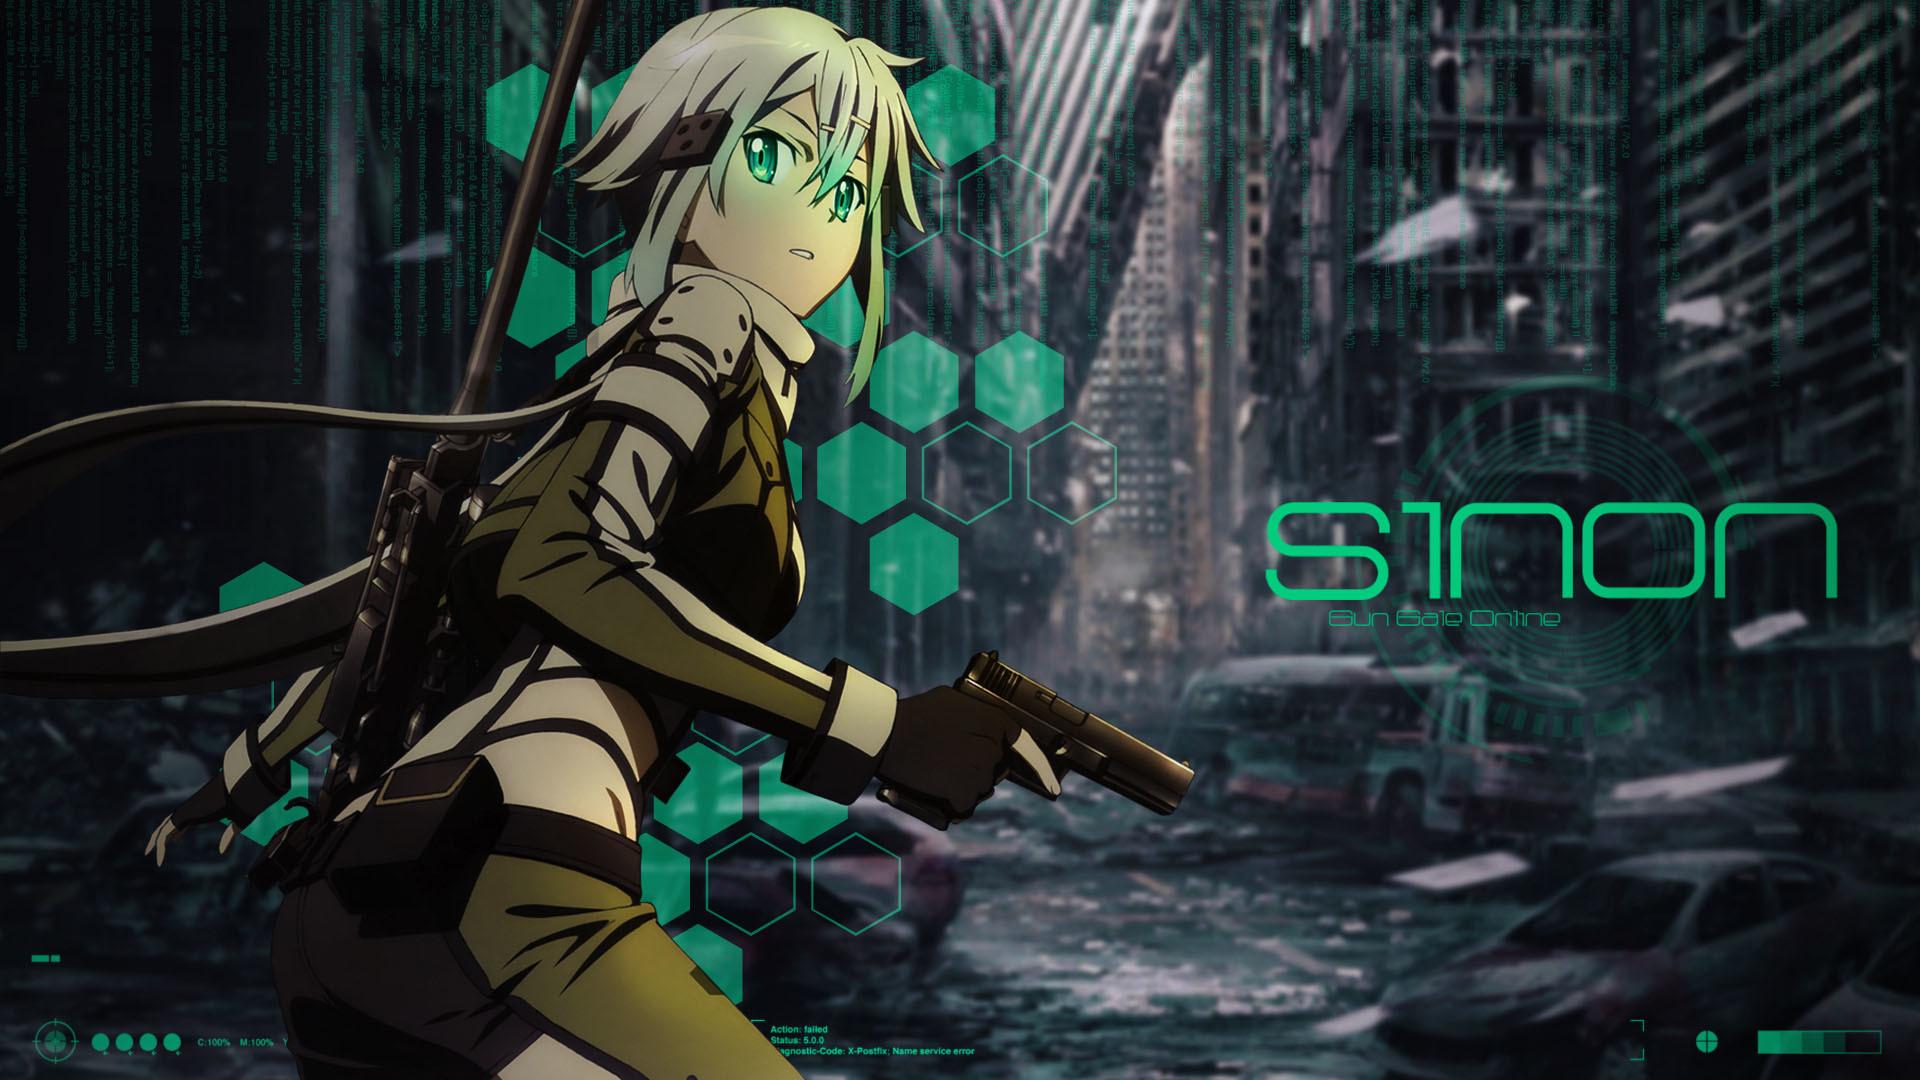 Amazing Sinon Asada on dark background Wallpaper Sinon with pistol